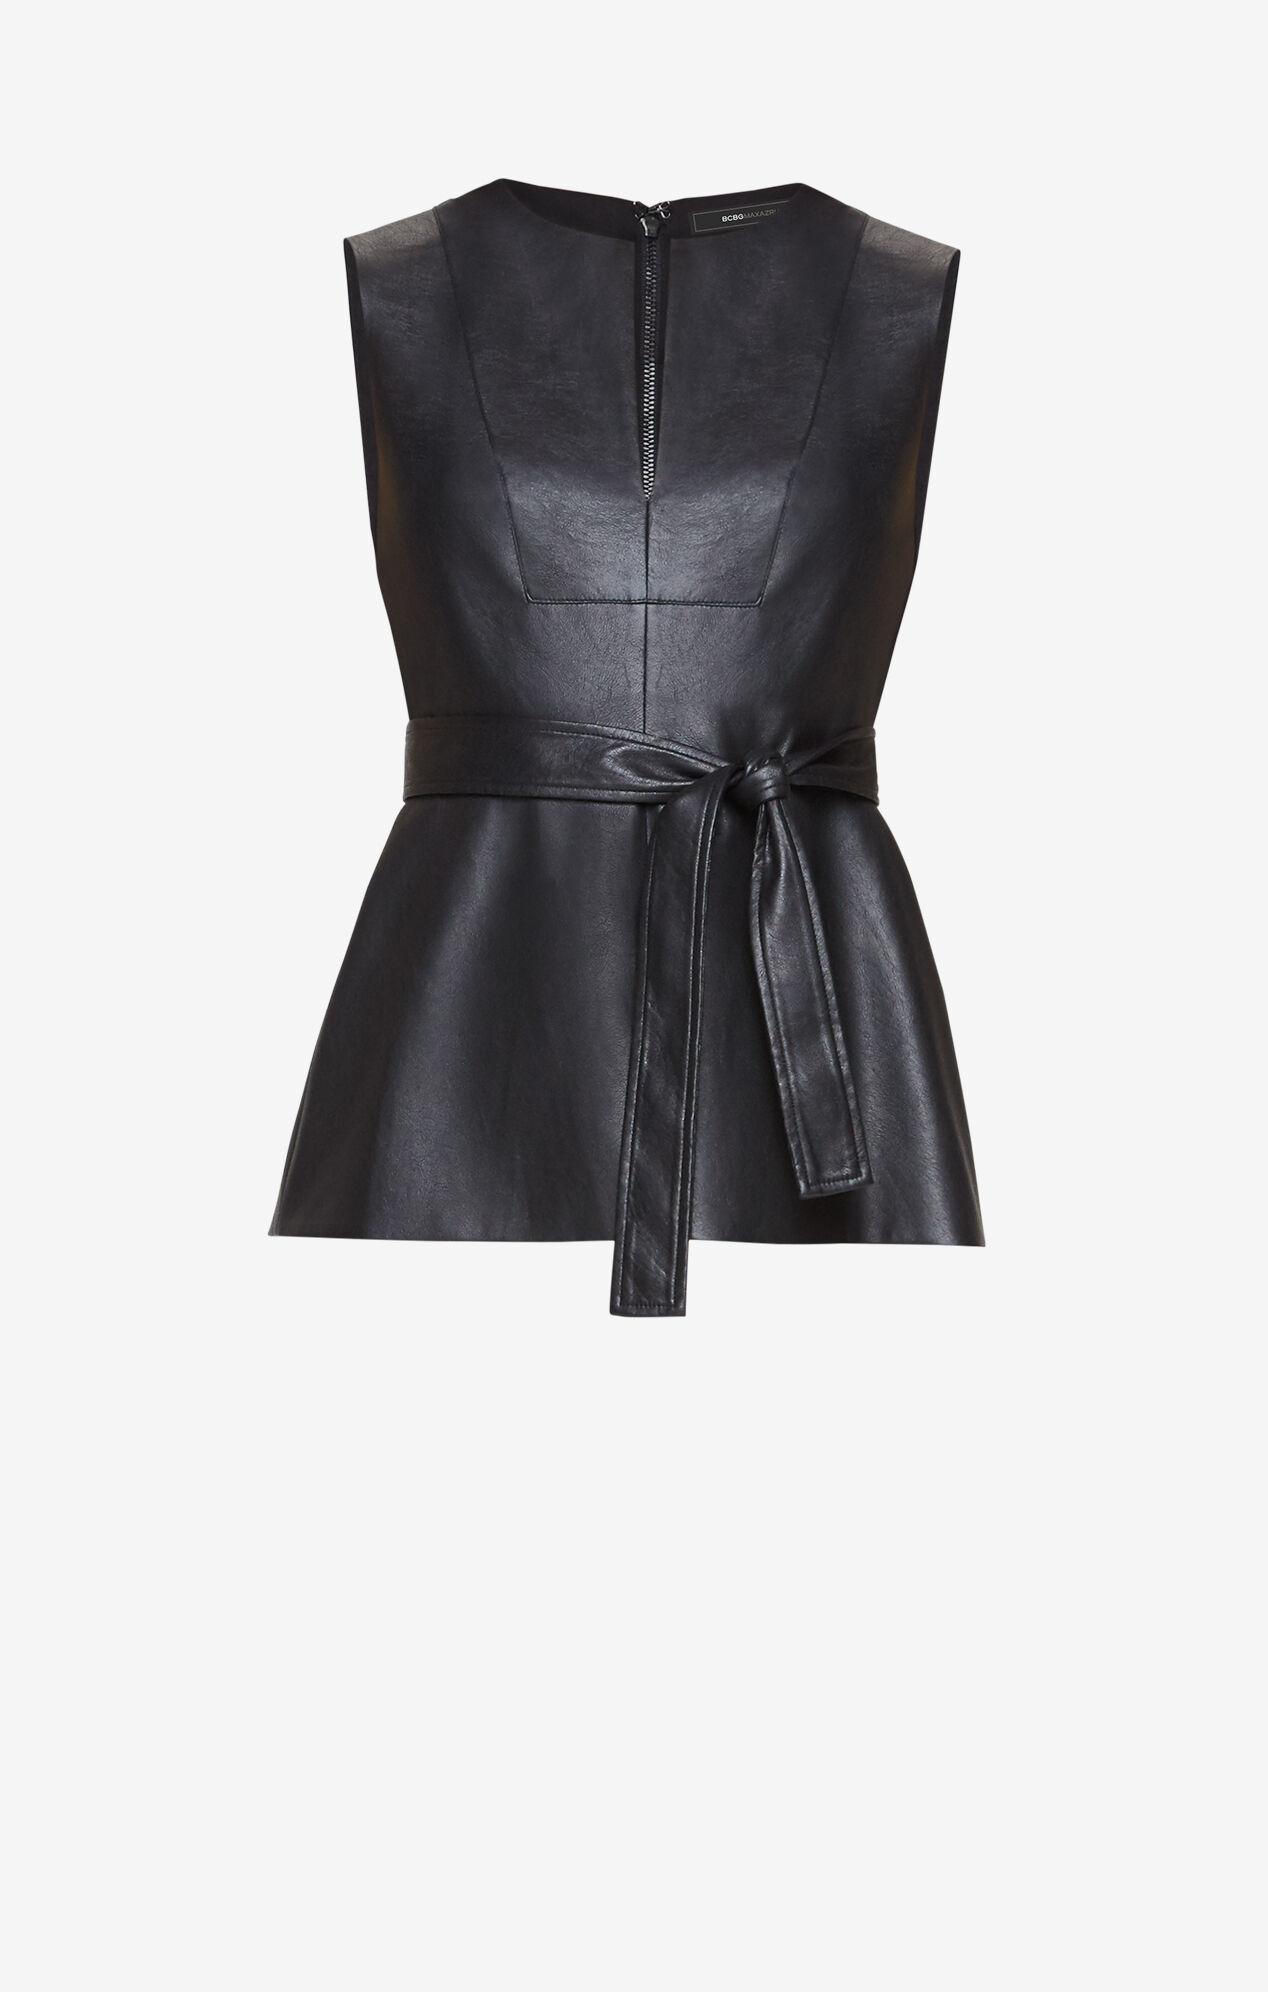 Joslynn Faux-Leather Top